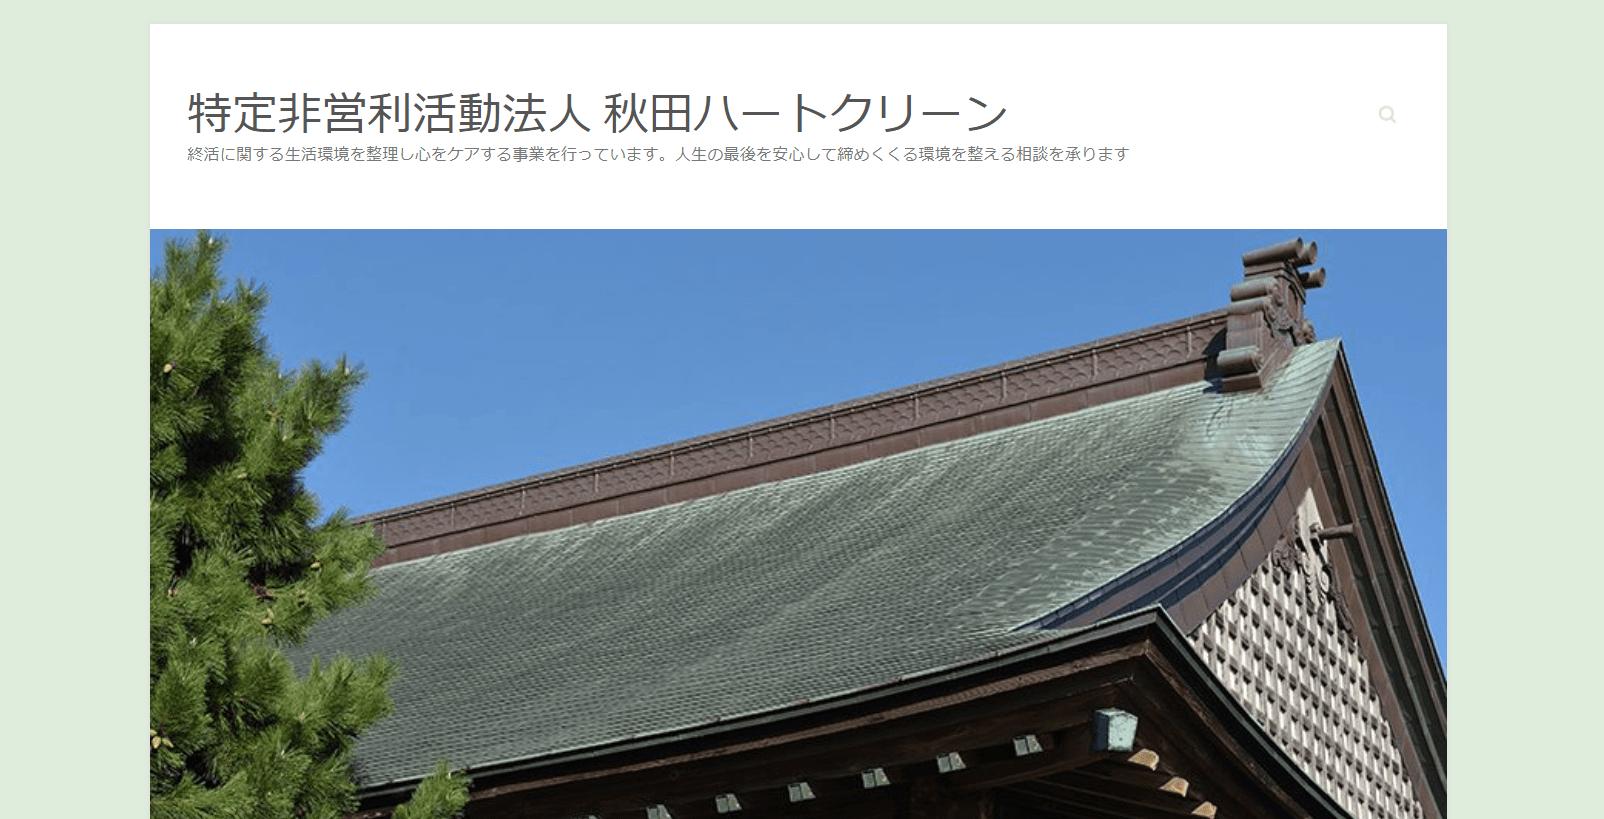 秋田ハートクリーン